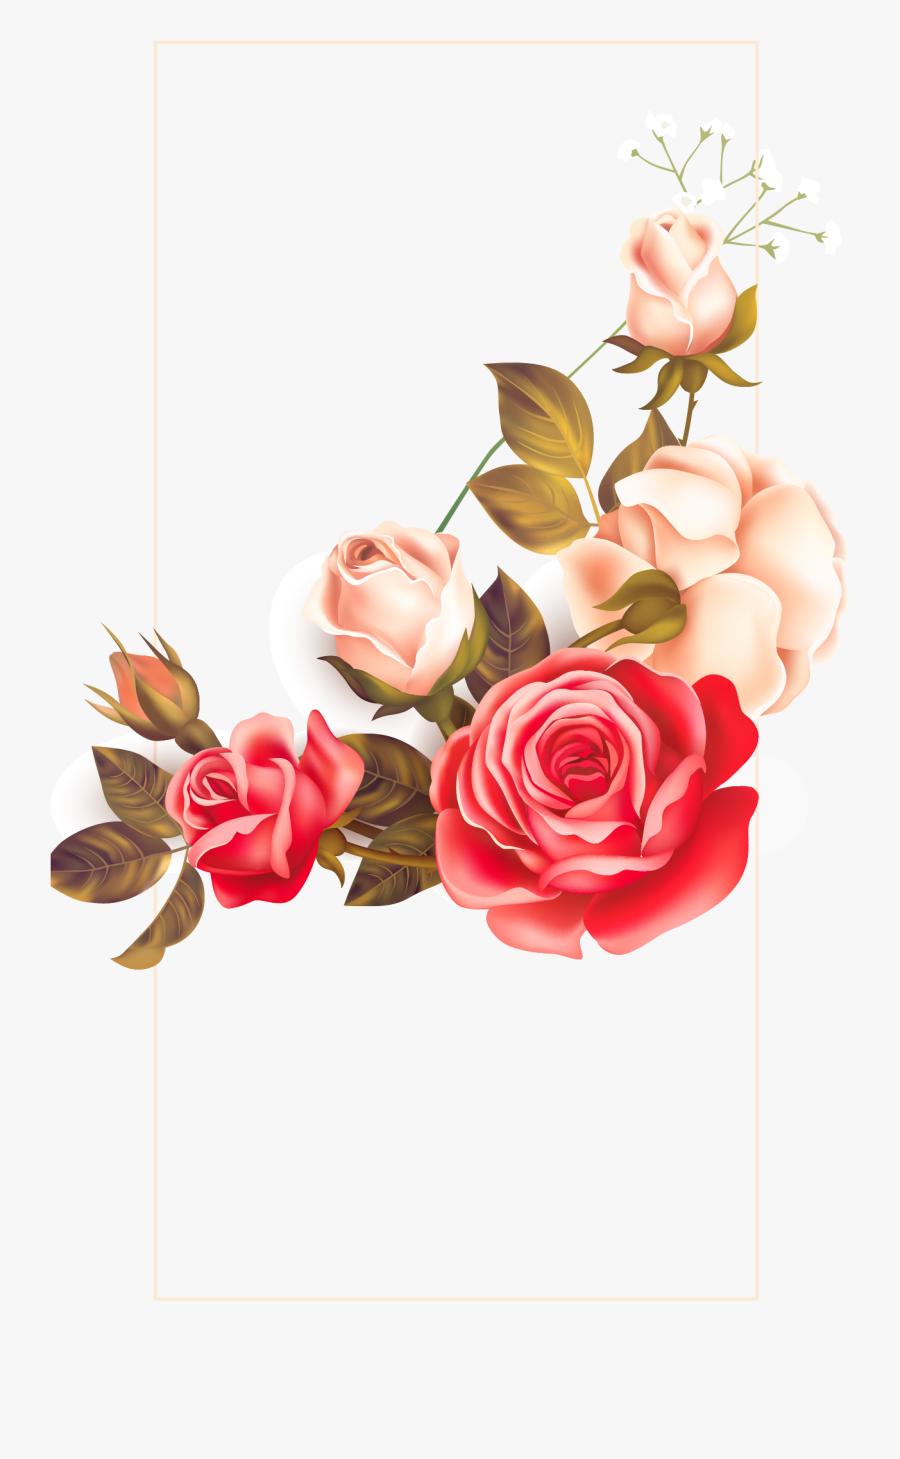 Background Floral Vintage Clipart Images Gallery For - Vintage Flower Border Png, Transparent Clipart